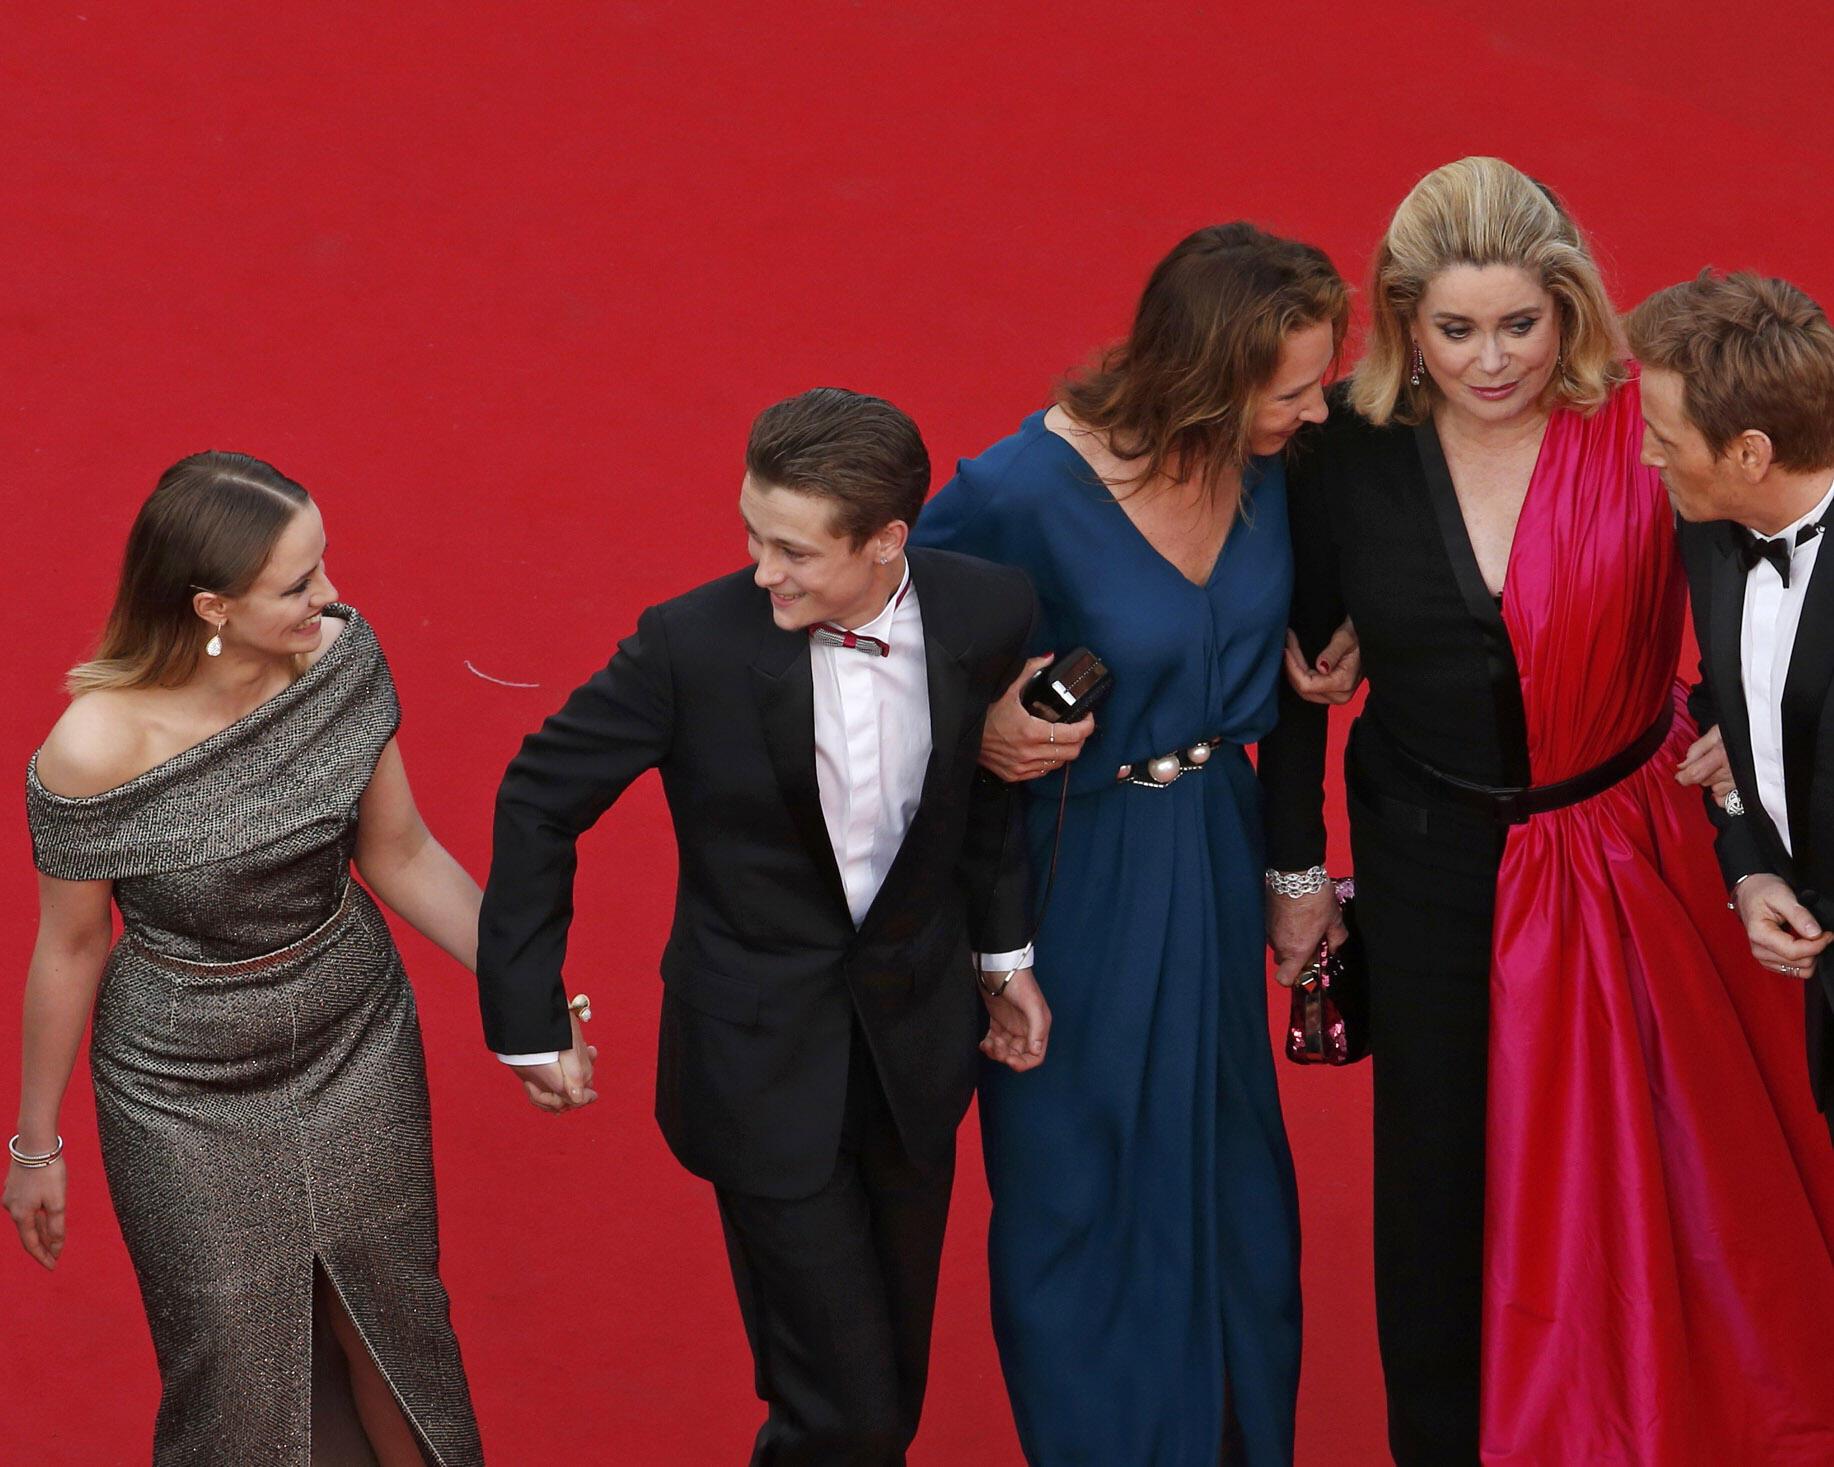 """El elenco de la película francesa """"La tête haute"""", de la cineasta Emmanuelle Bercot, con Catherine Deneuve (4a de izquierda a derecha) como protagonista, a su llegada a la inauguración del Festival de Cannes 2015."""